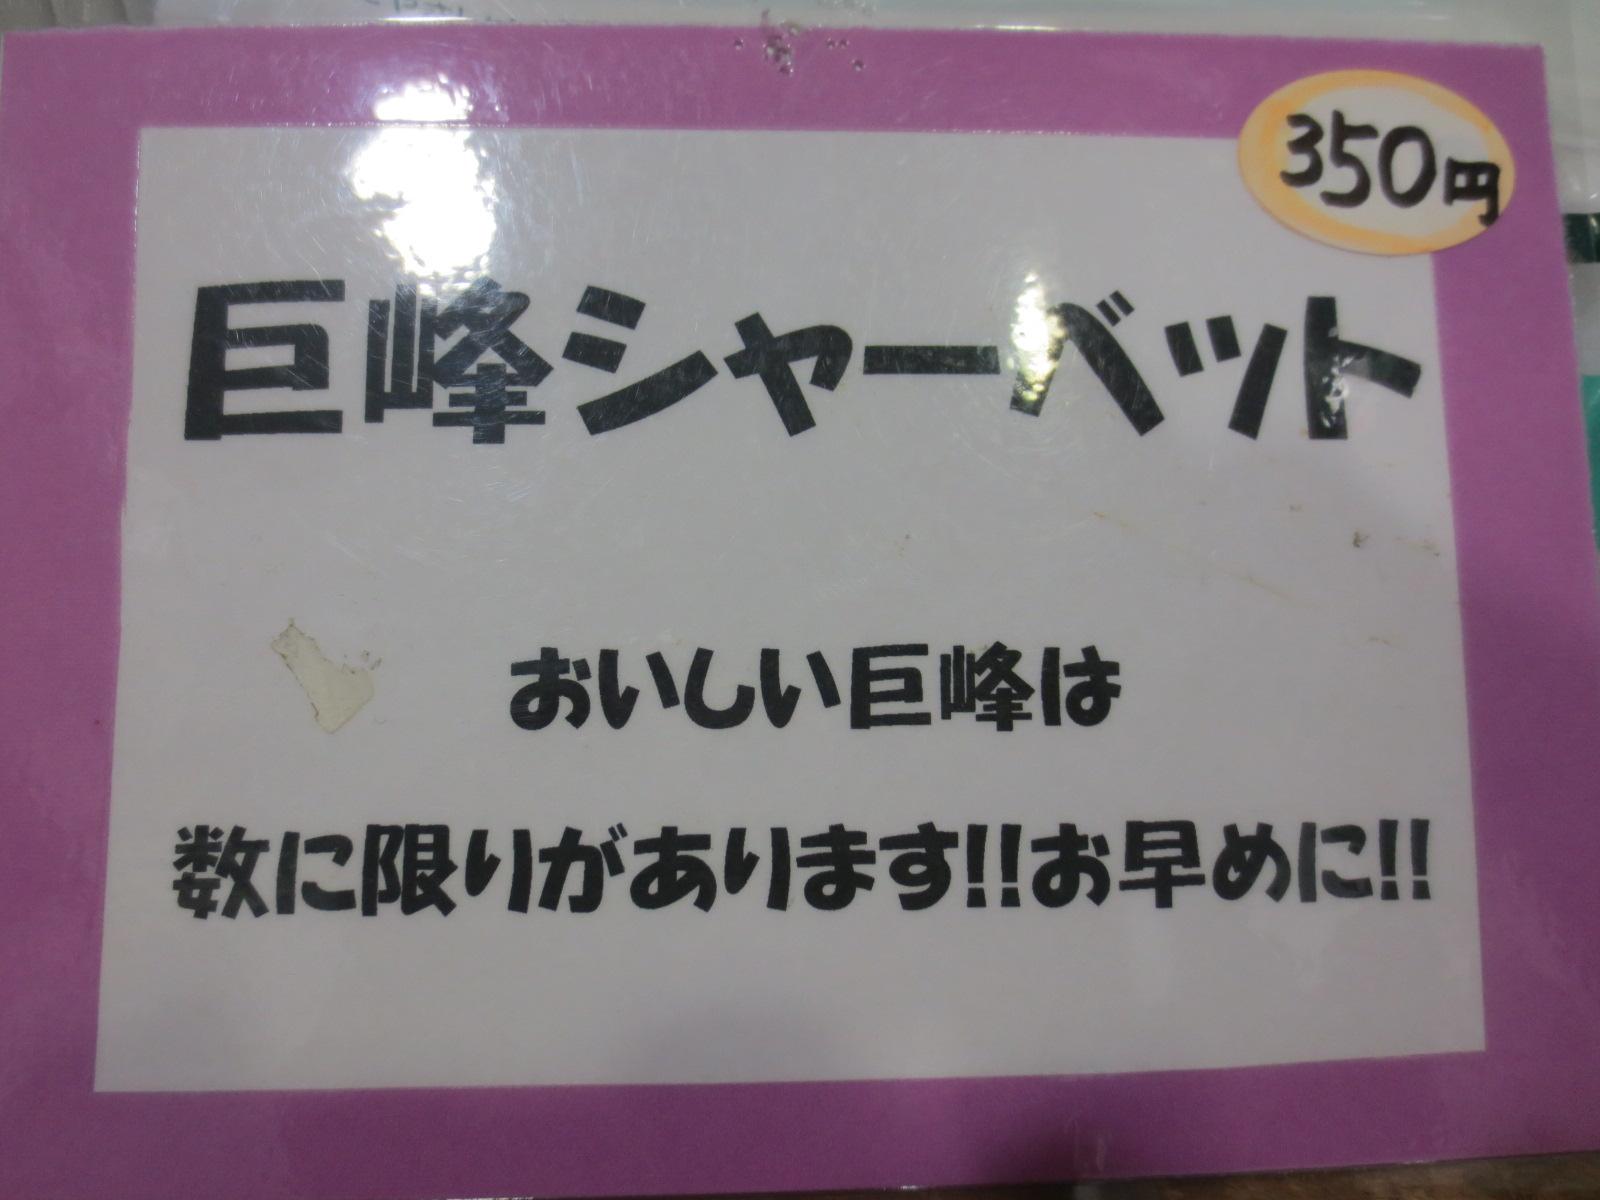 巨峰シャーベット350円 お待たせ致しました♪